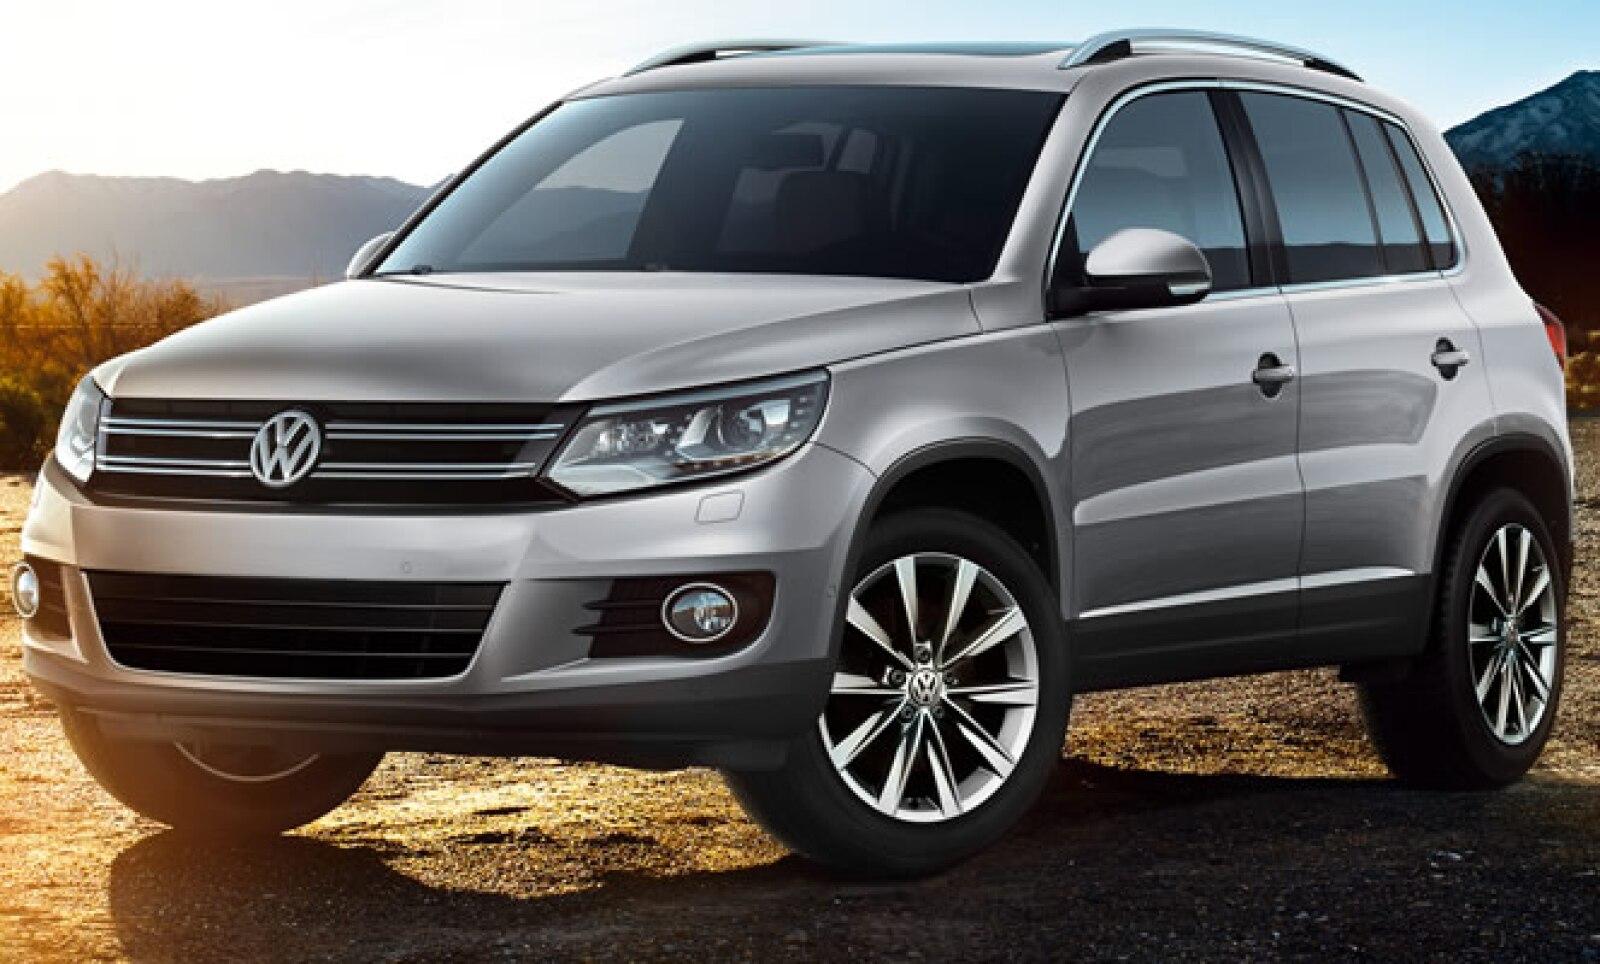 Volkswagen dio a conocer la disponibilidad en sus concesionarias del nuevo Tiguan 2012, que evoca el diseño de su hermano mayor el Touareg.